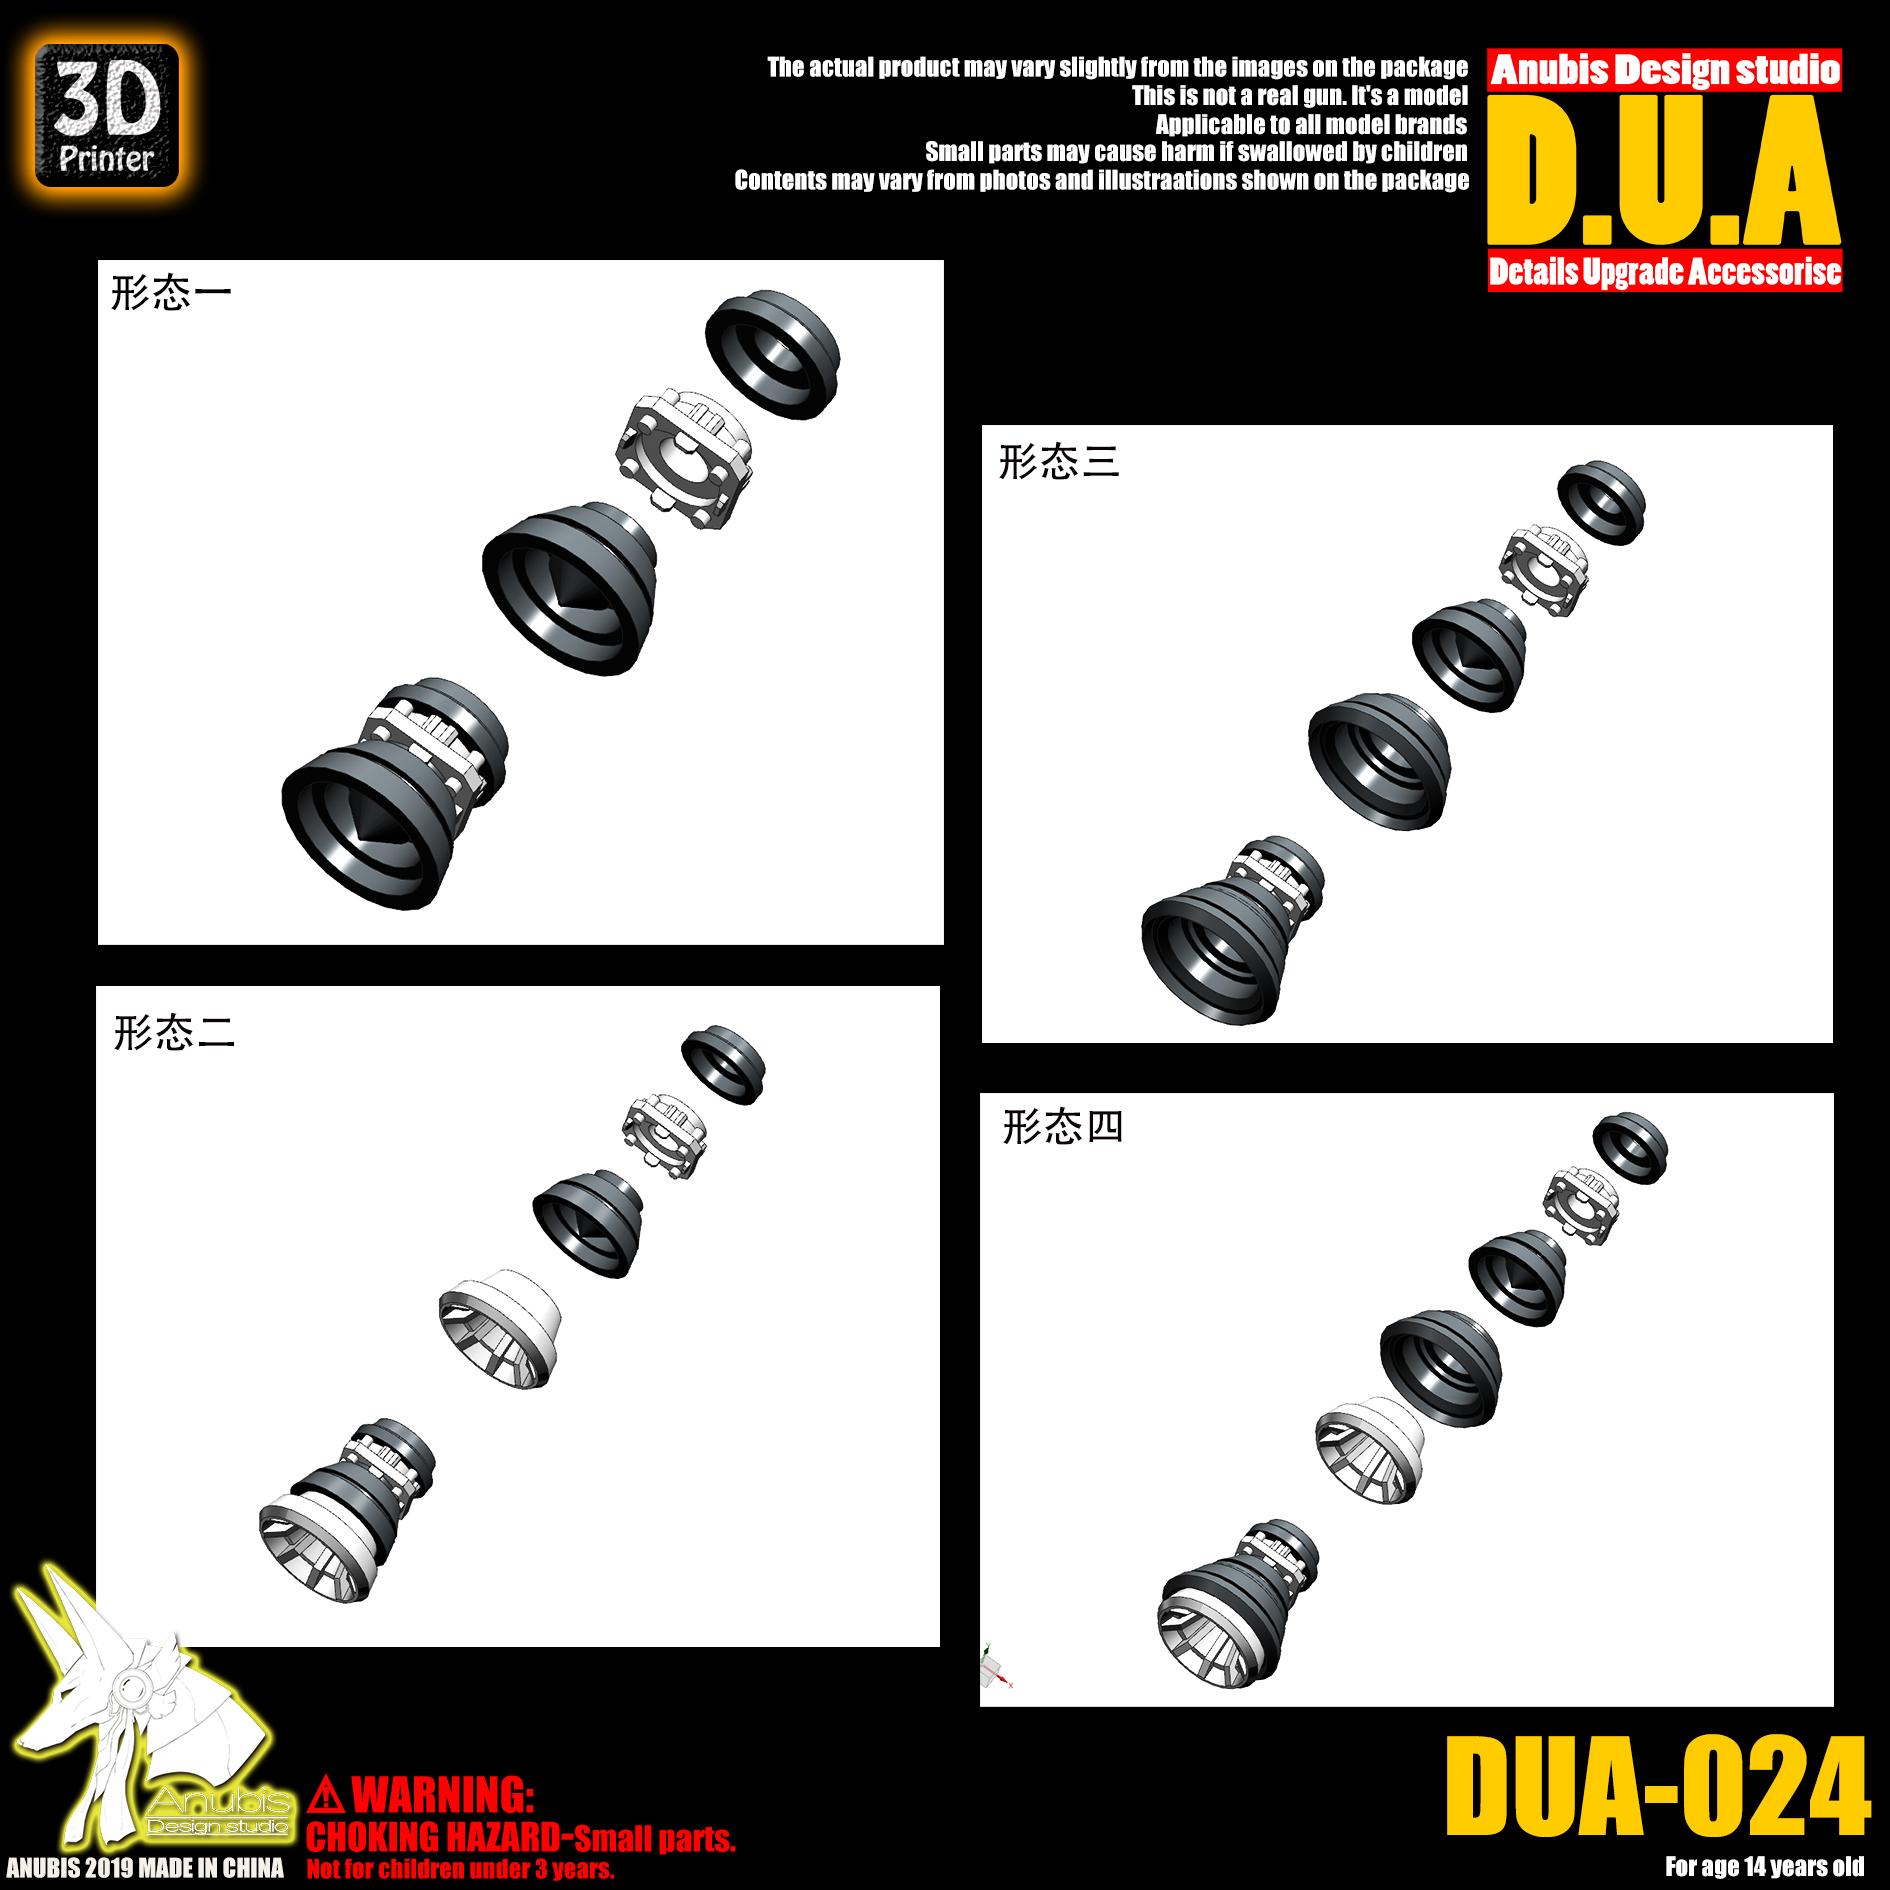 G413_DUA024_003.jpg